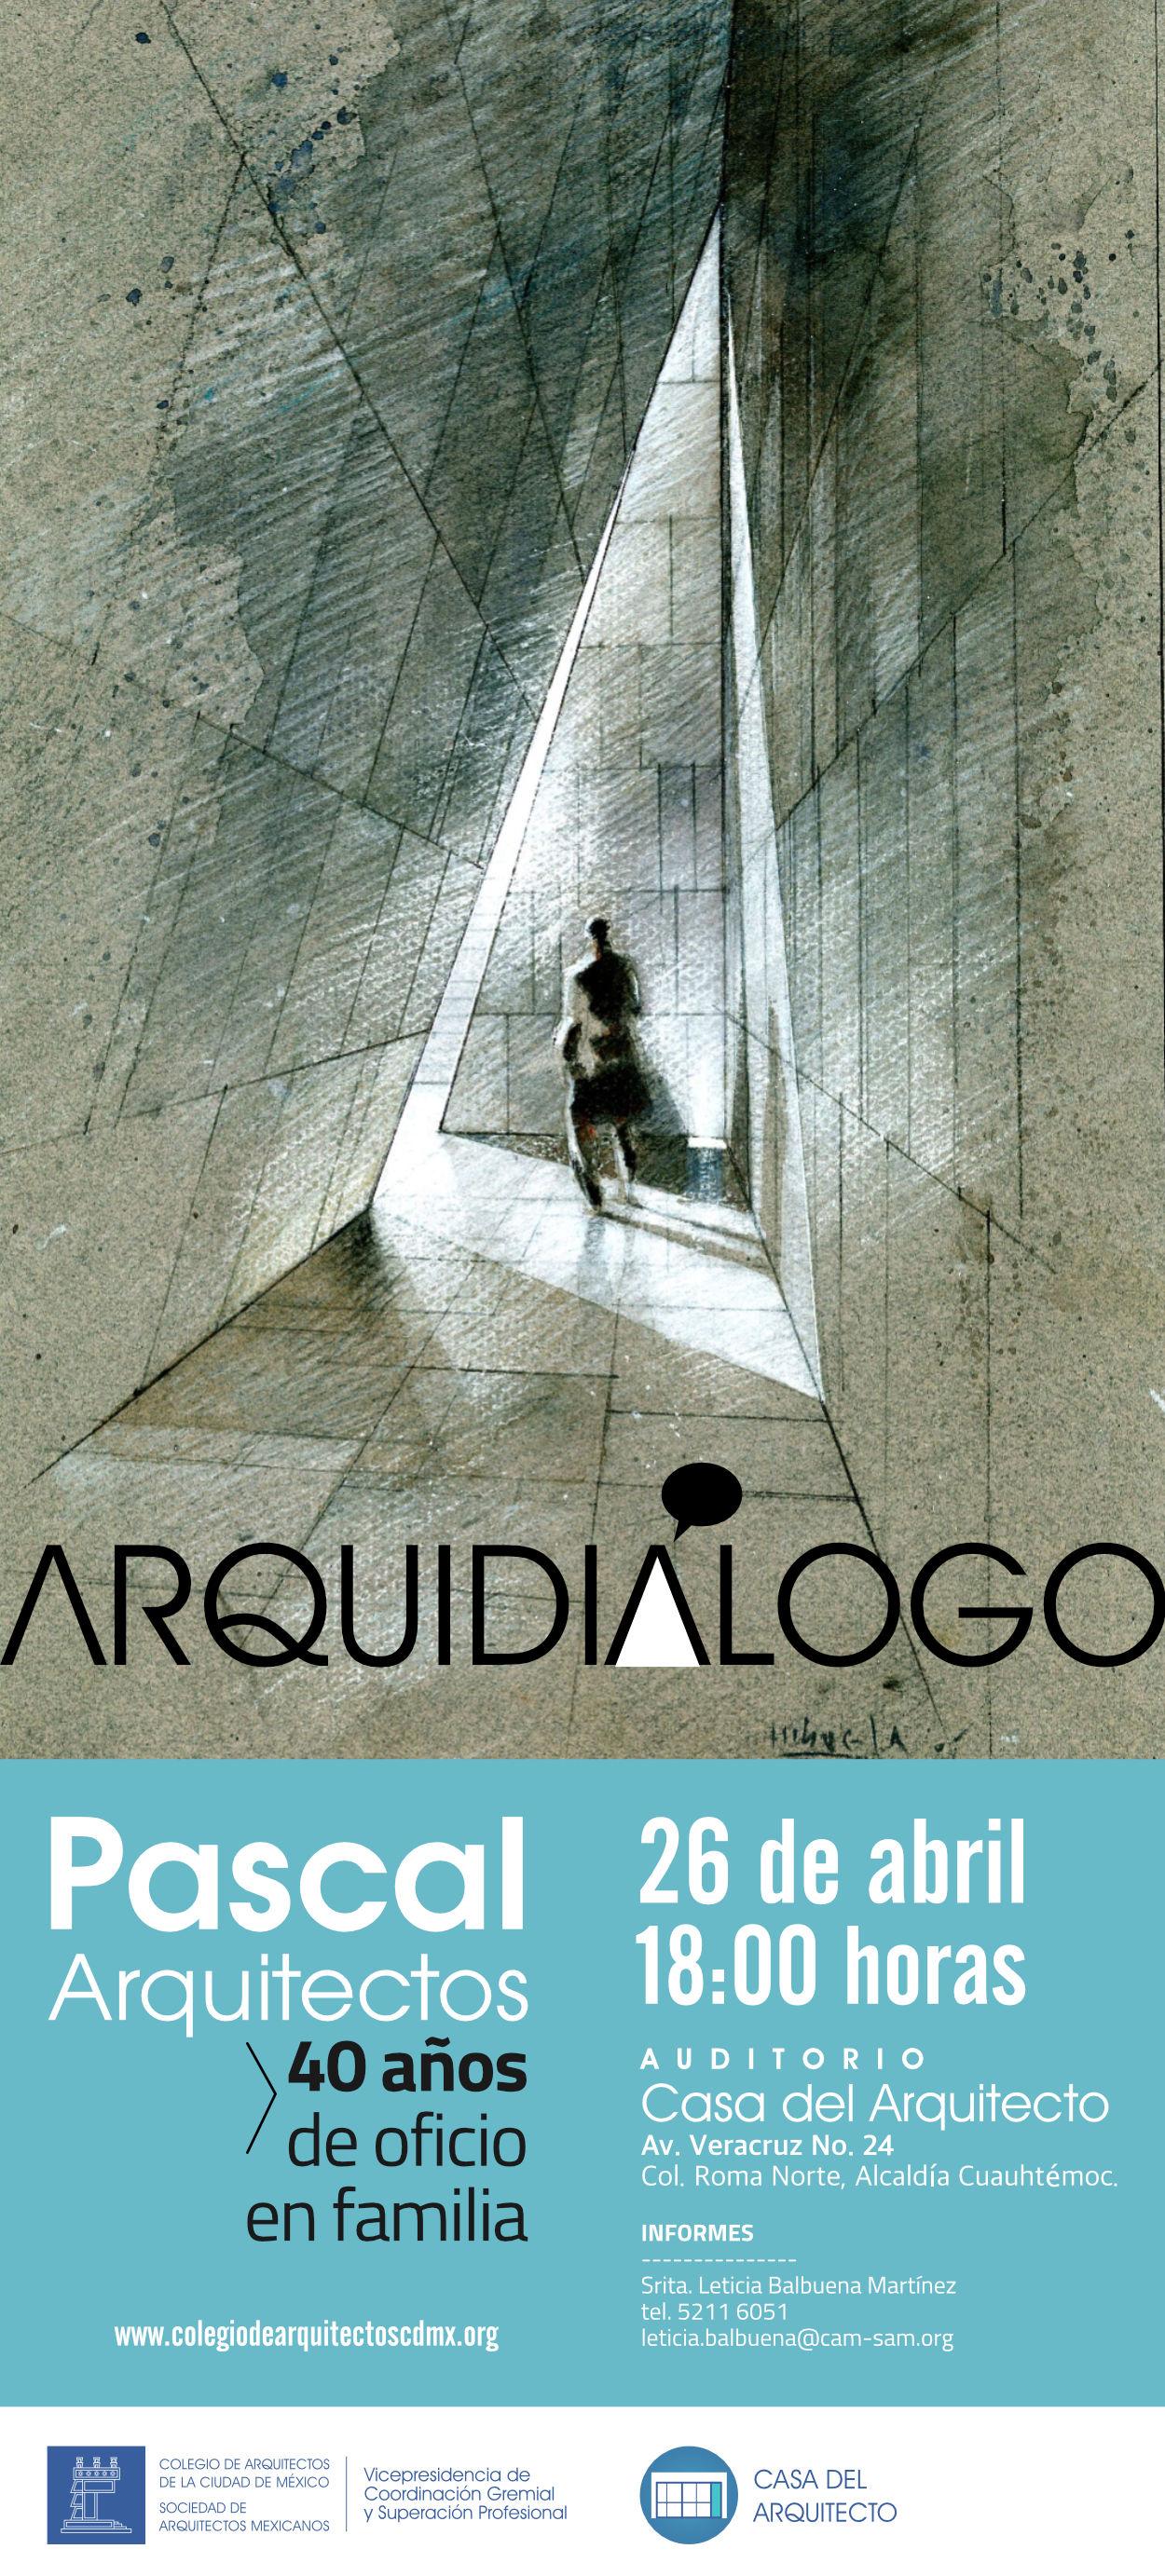 arquidialogo_PASCAL_13-04